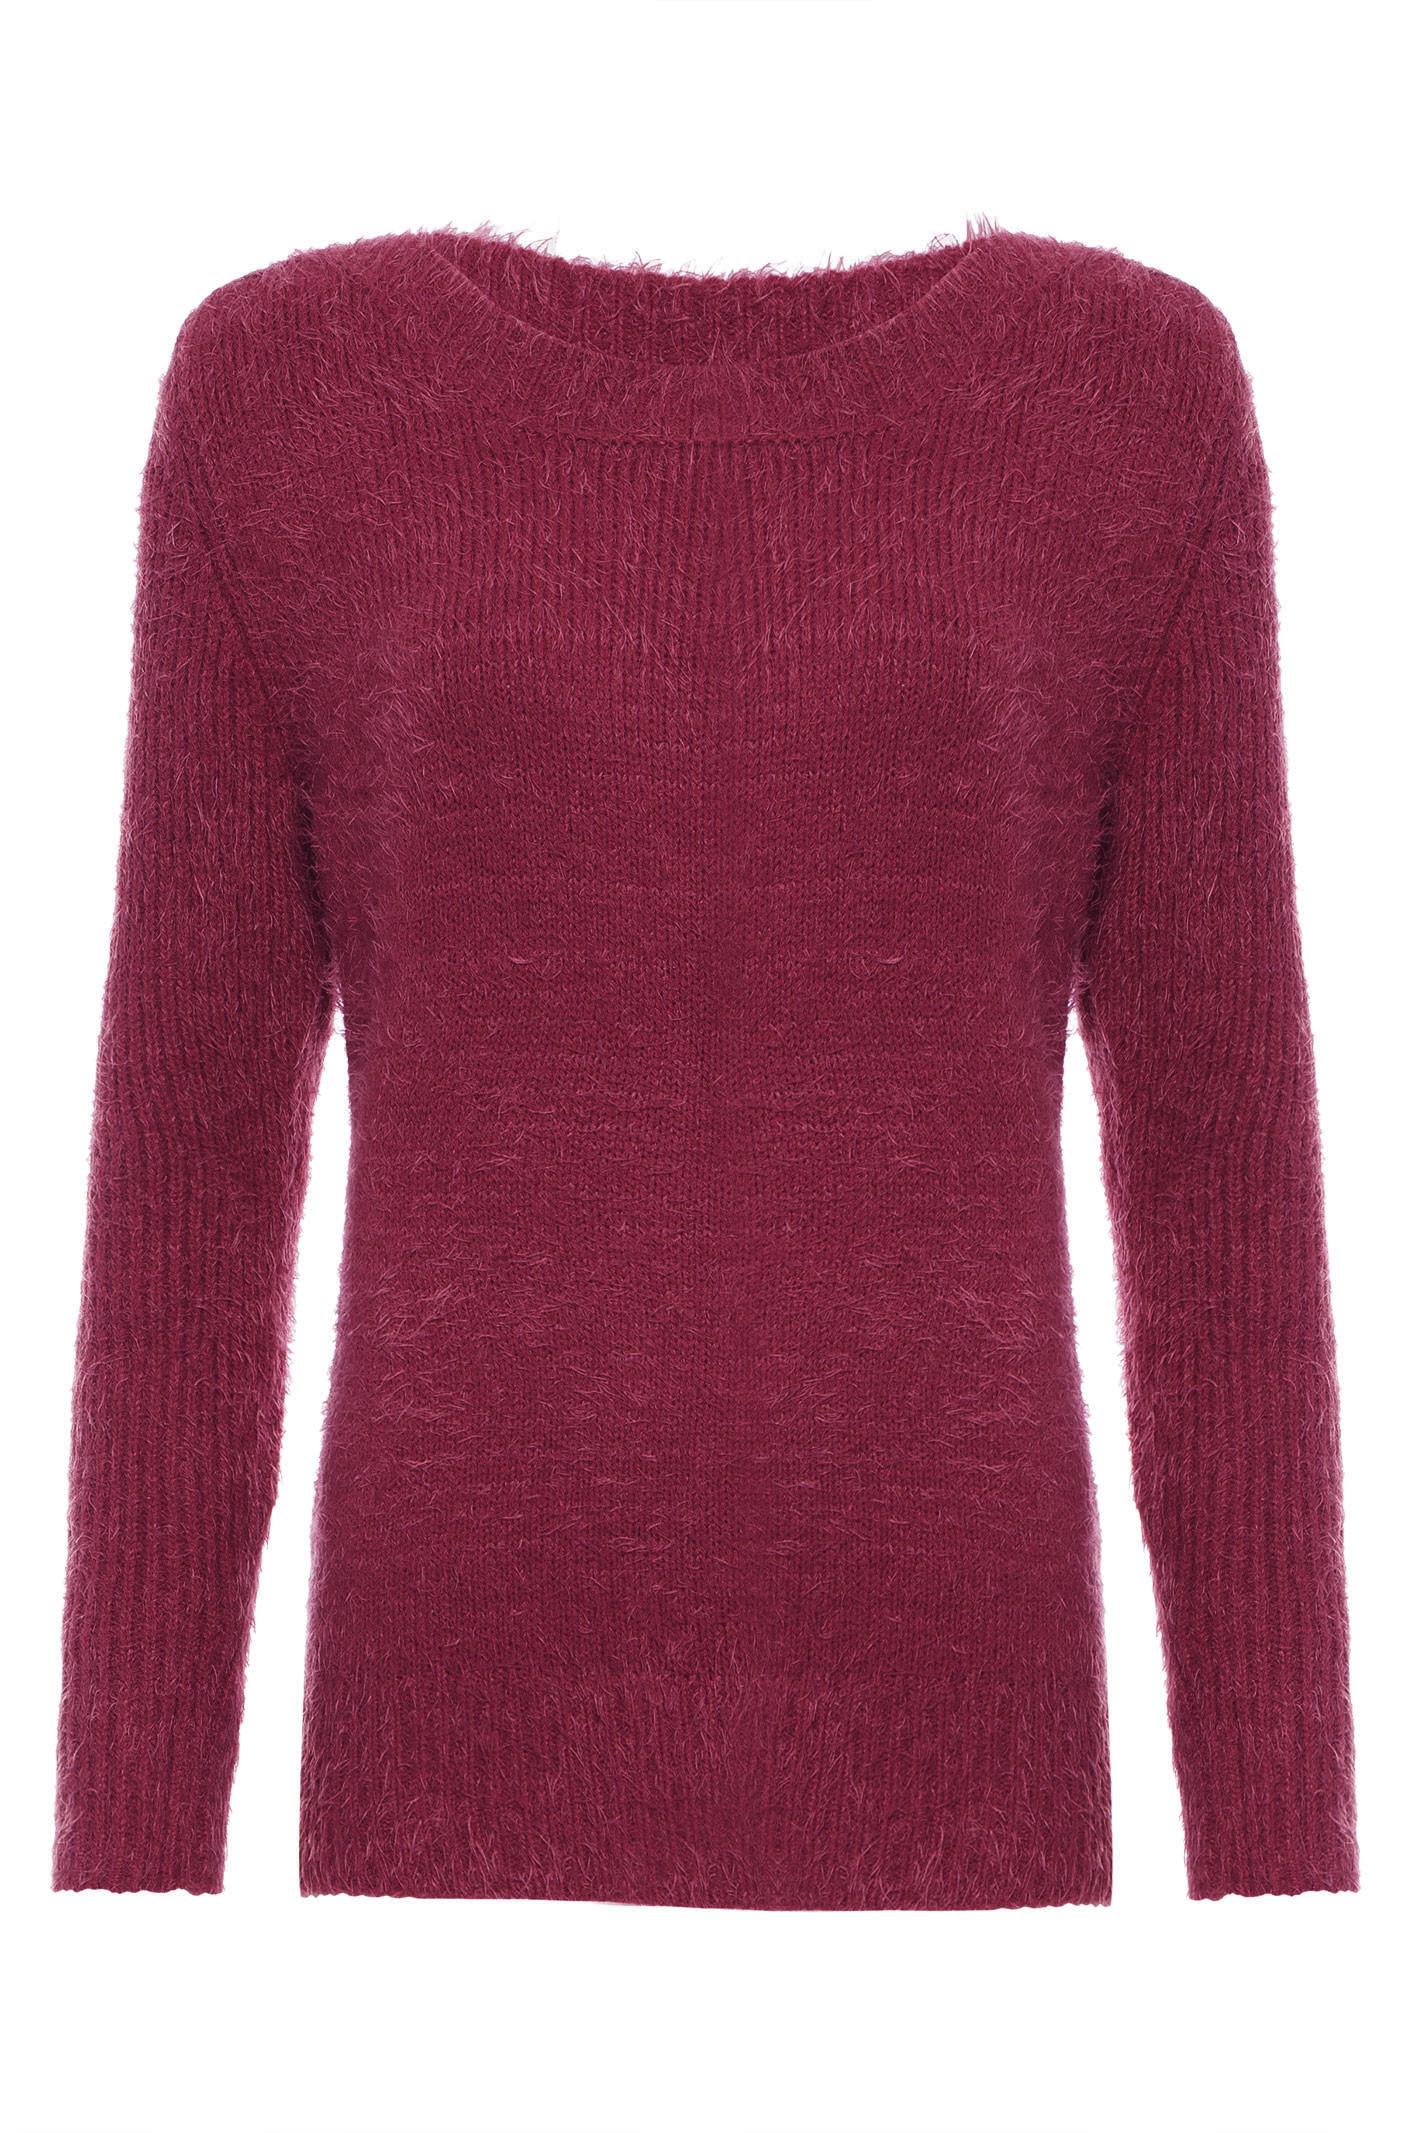 Suéter Pelo Curto - Vinho